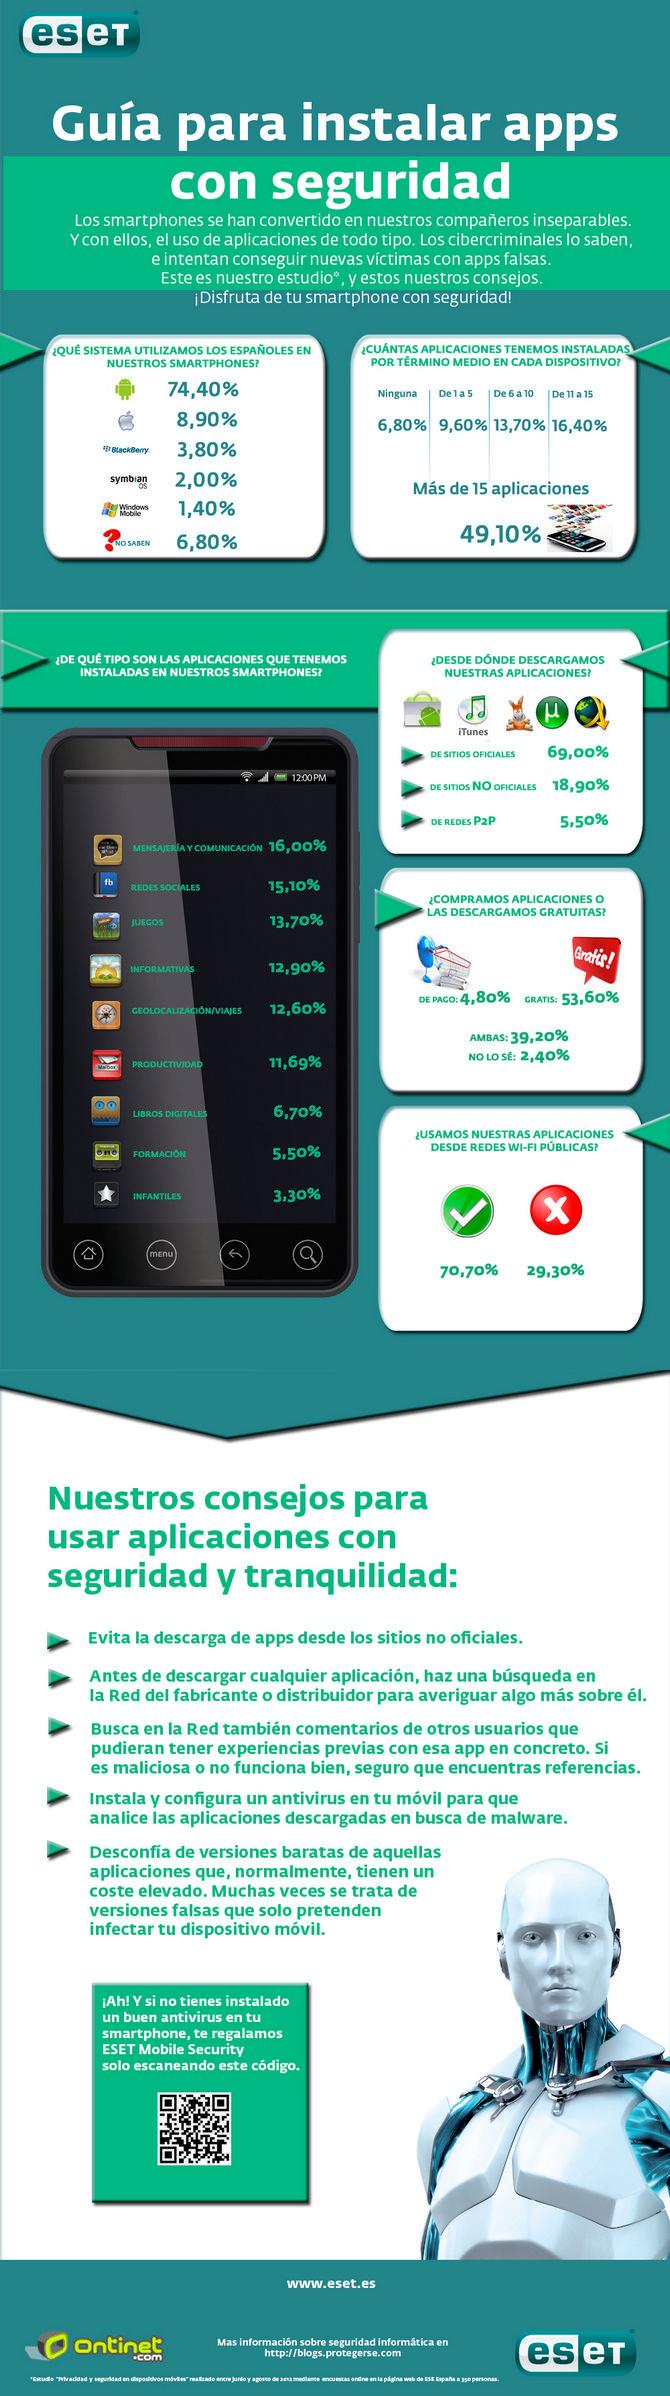 Estudio muestra los hábitos de los usuarios españoles en cuanto a dispositivos móviles y aplicaciones